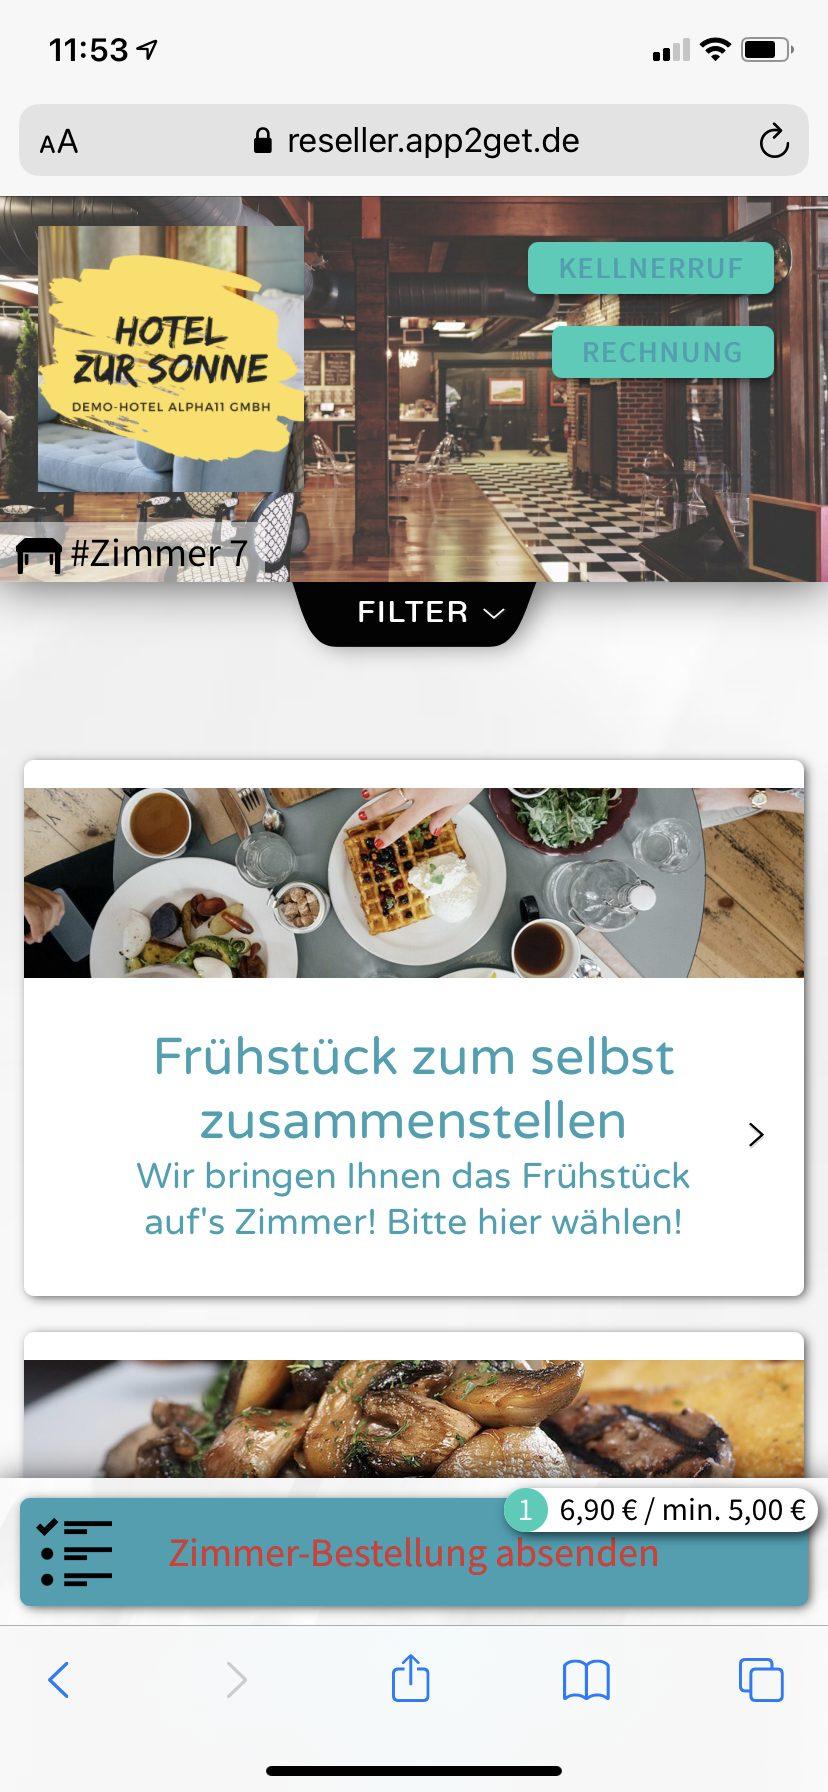 Mit app2get bestellt der Gast bequem das Frühstück vom Hotel-Zimmer